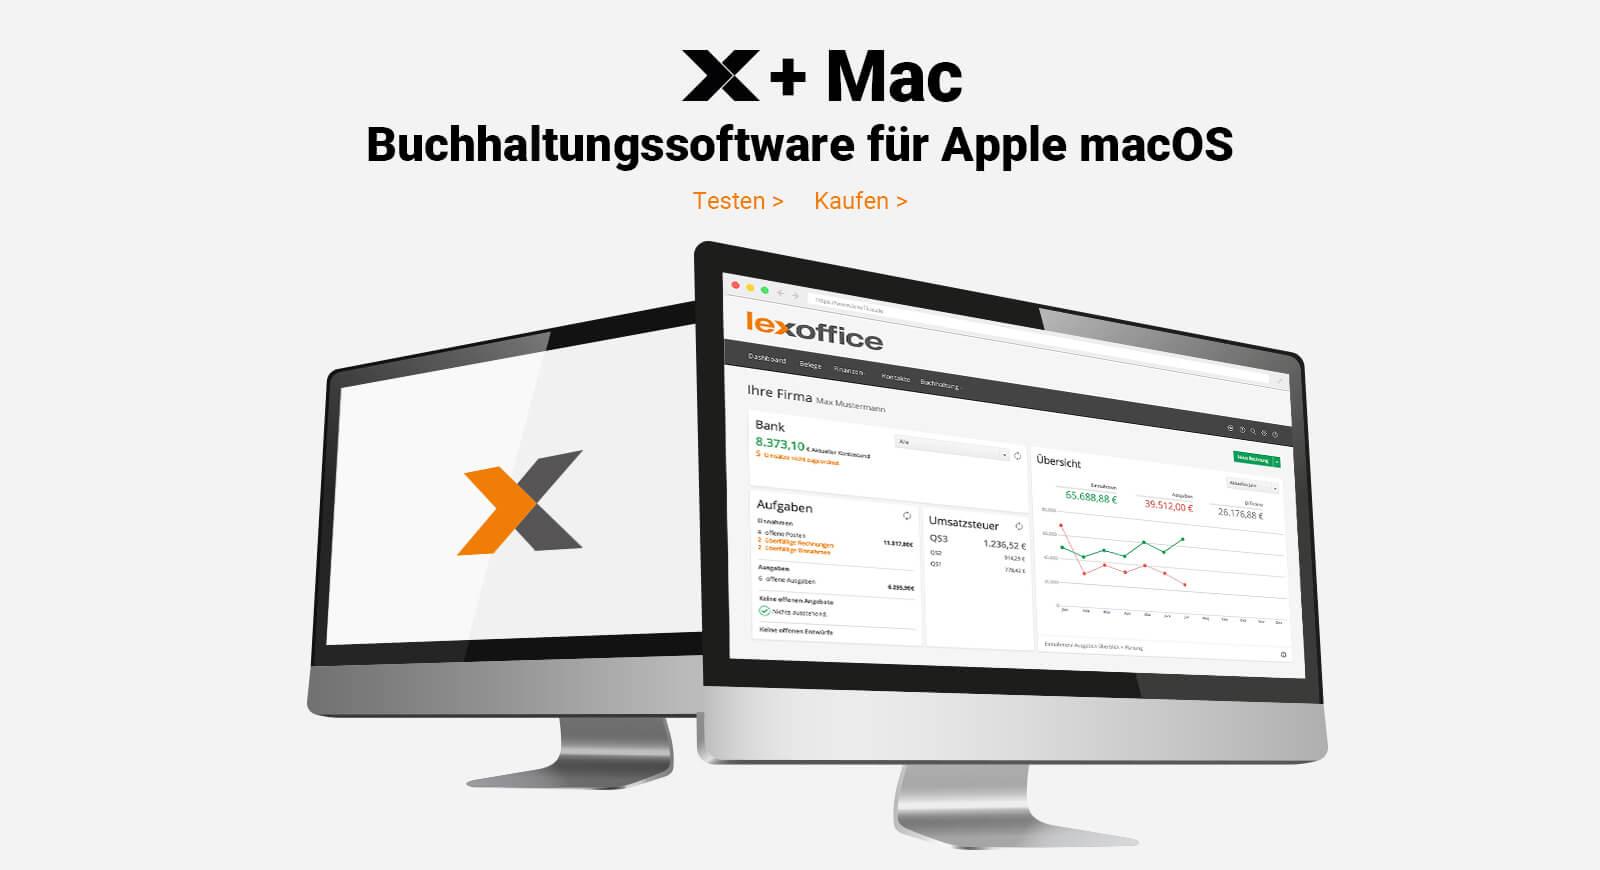 Buchhaltungssoftware Für Apple Mac Lexoffice Vom Marktführer Lexware